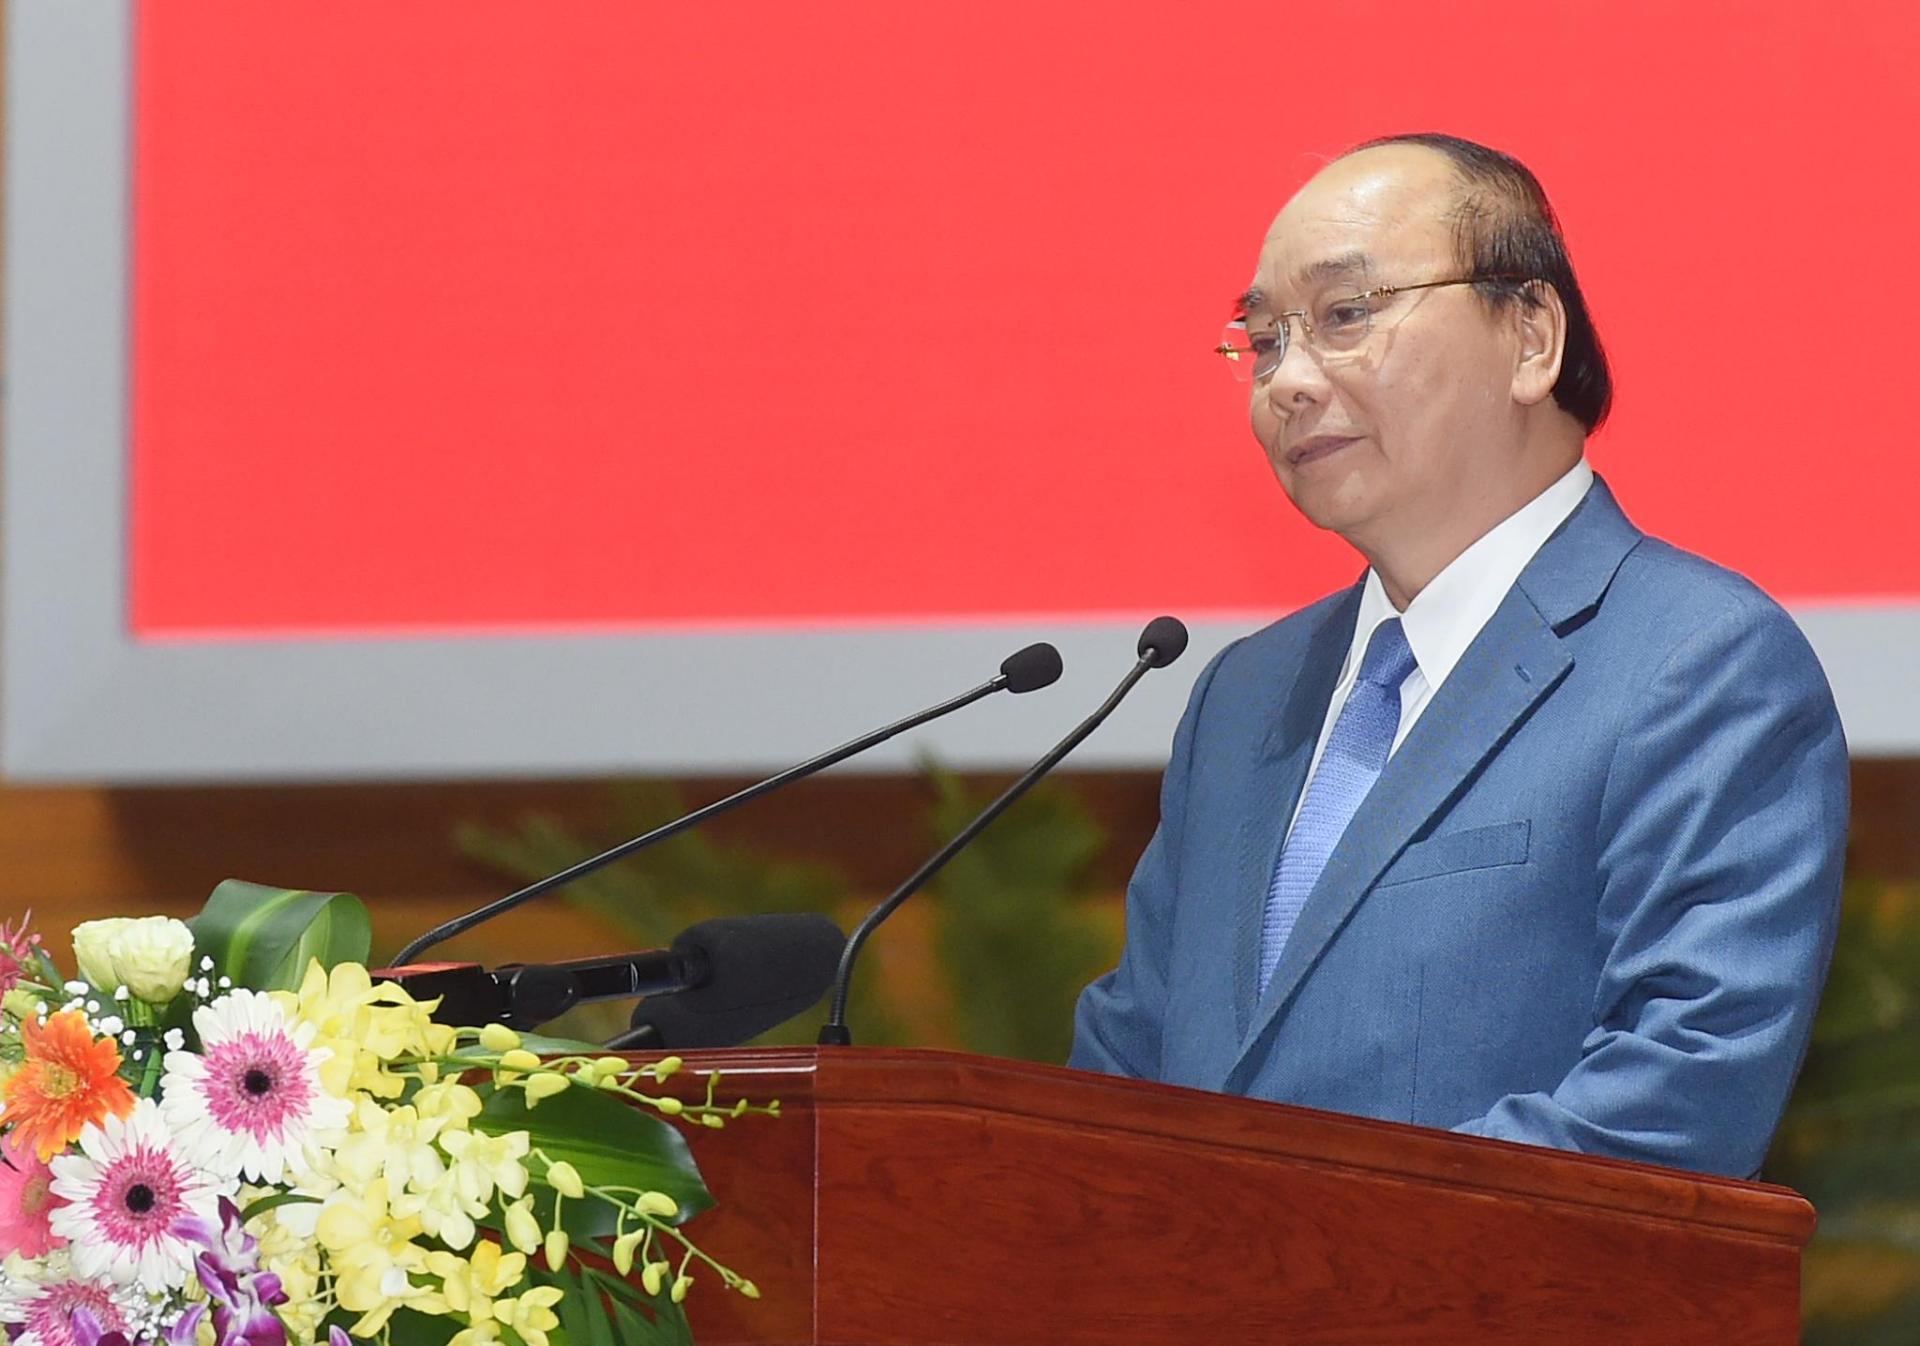 Thủ tướng Nguyễn Xuân Phúc biểu dương những nỗ lực của ngành y tế thời gian qua.